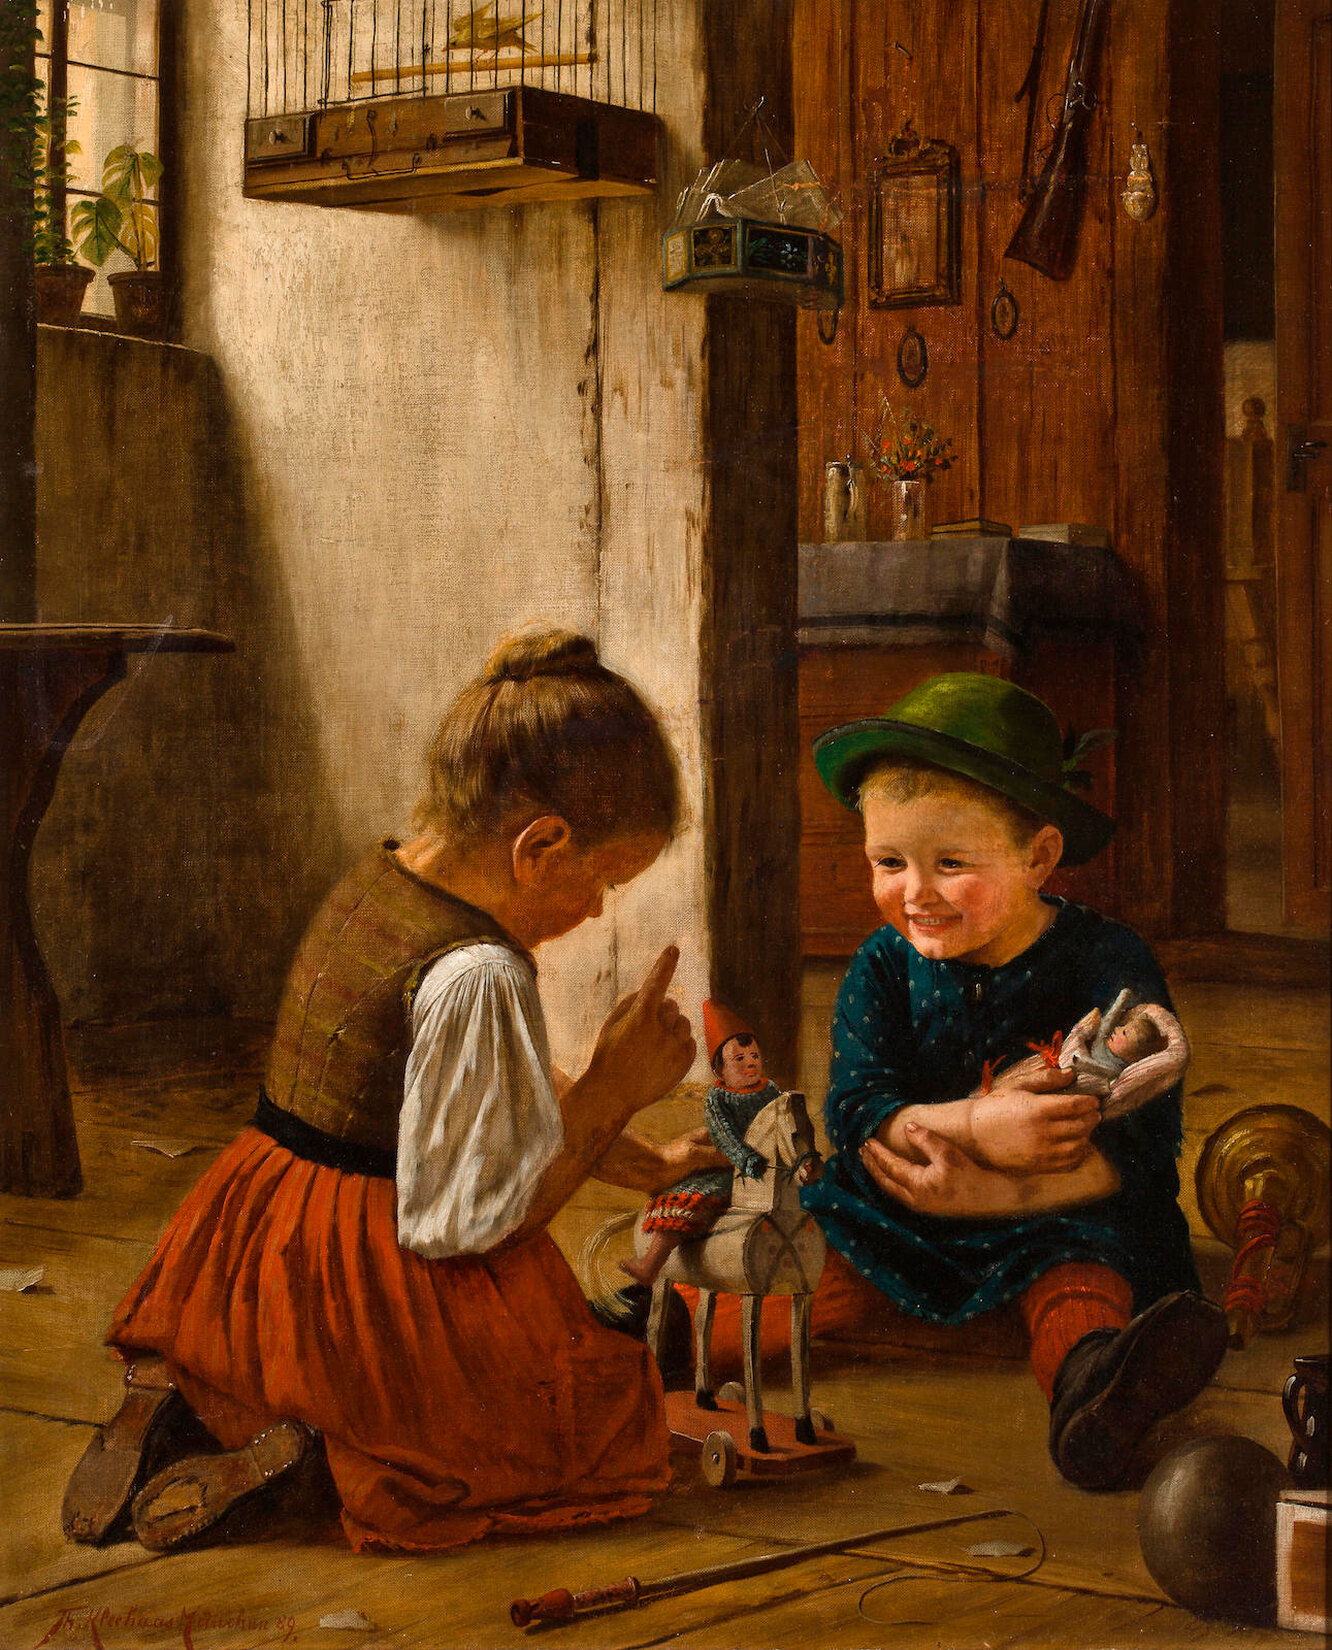 Как мальчиков и девочек прошлого учили играть, чтобы вырастить из них мужчин и женщин